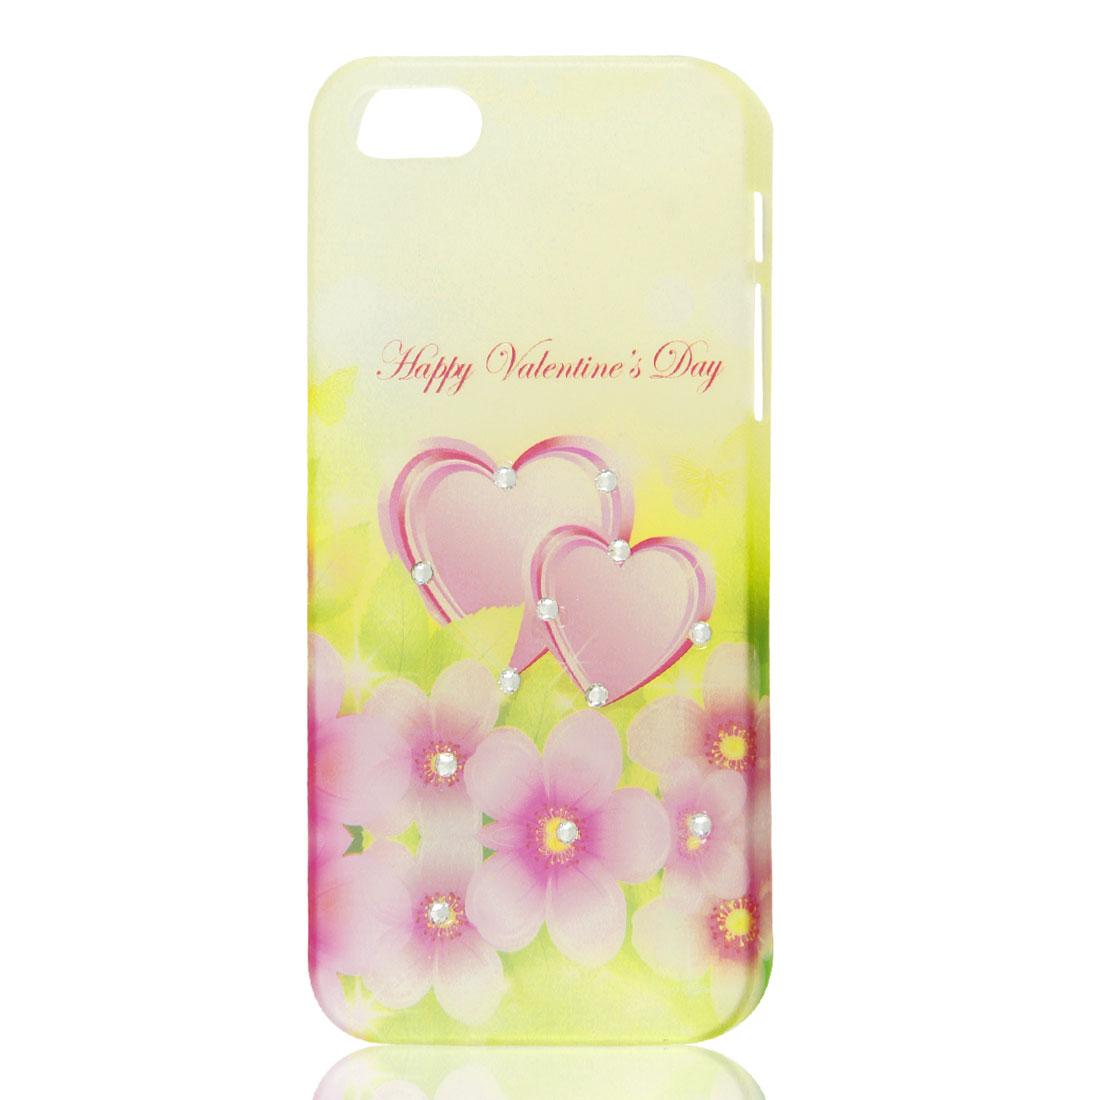 Flower Heart Glitter Sparkle Rhinestone Hard Back Case Cover for iPhone 5 5G